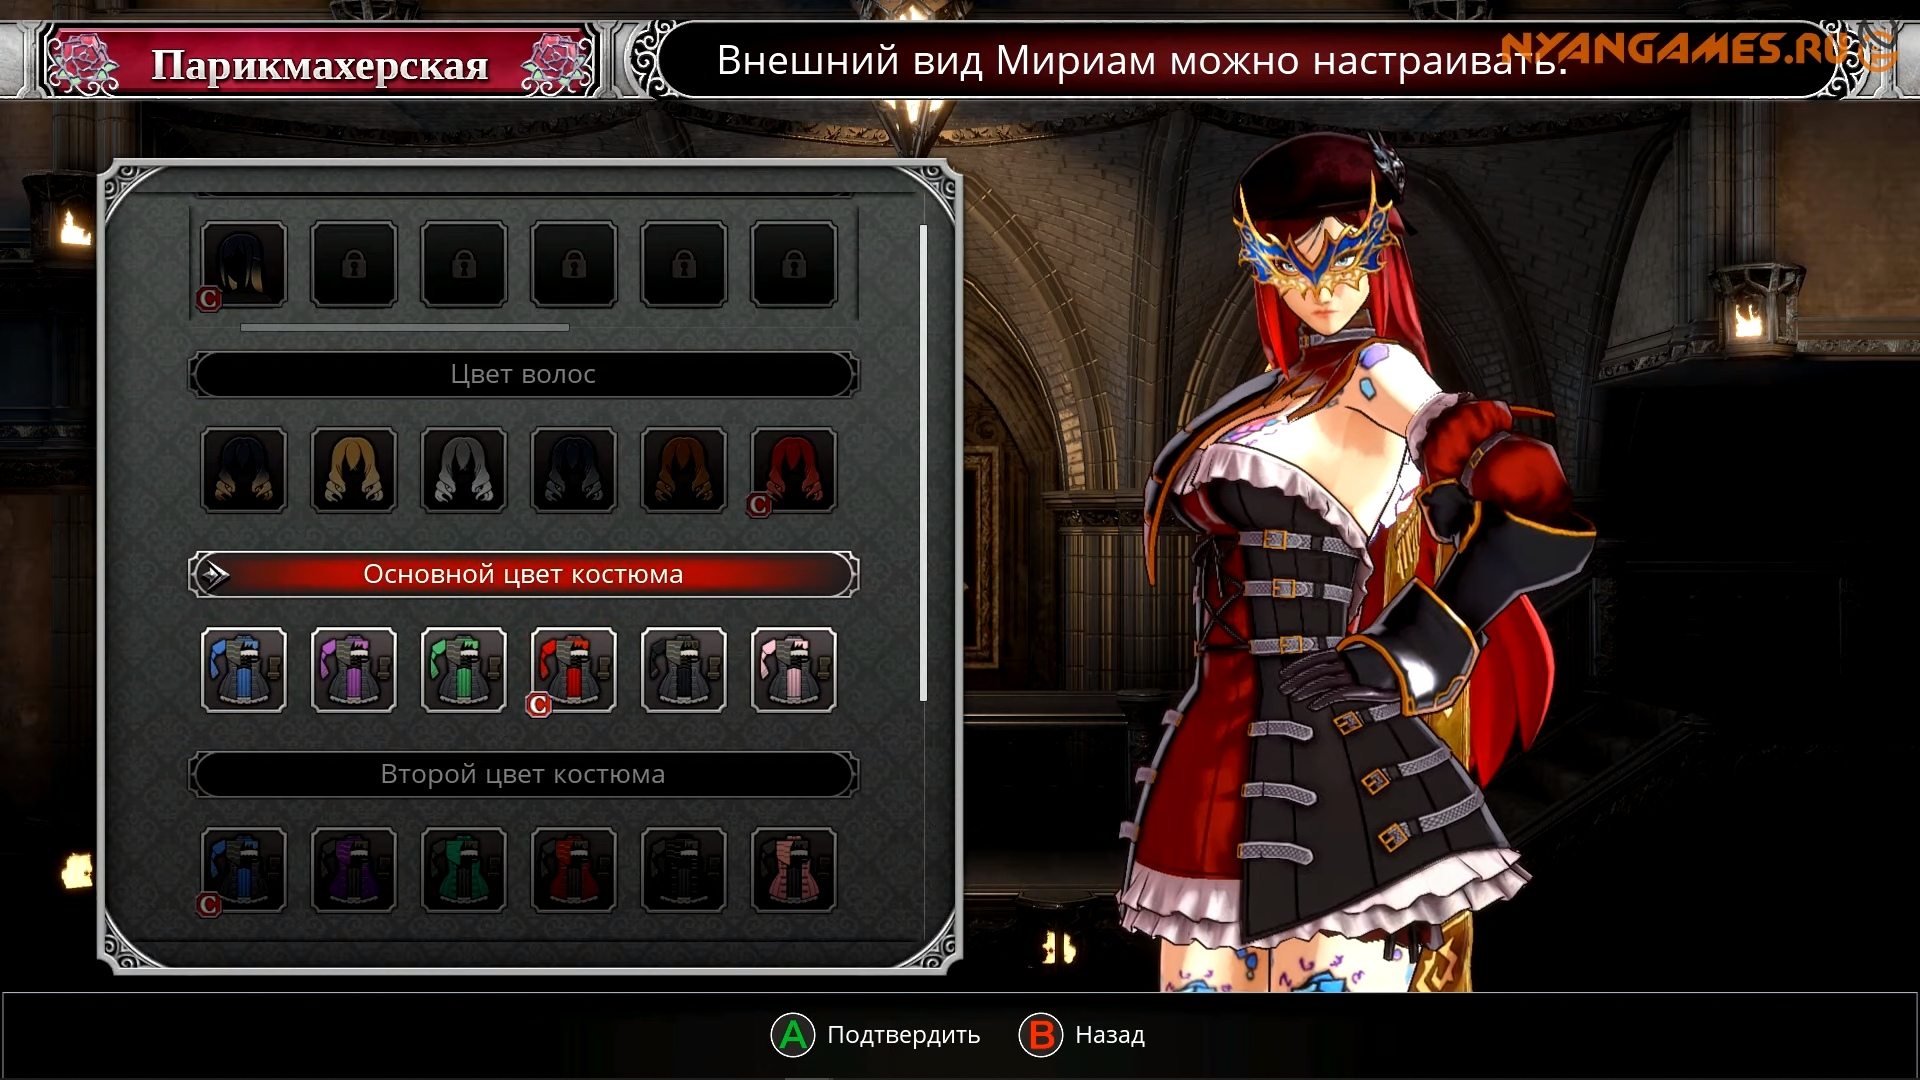 Обзор игры Bloodstained: Ritual of the Night. - Изображение 7